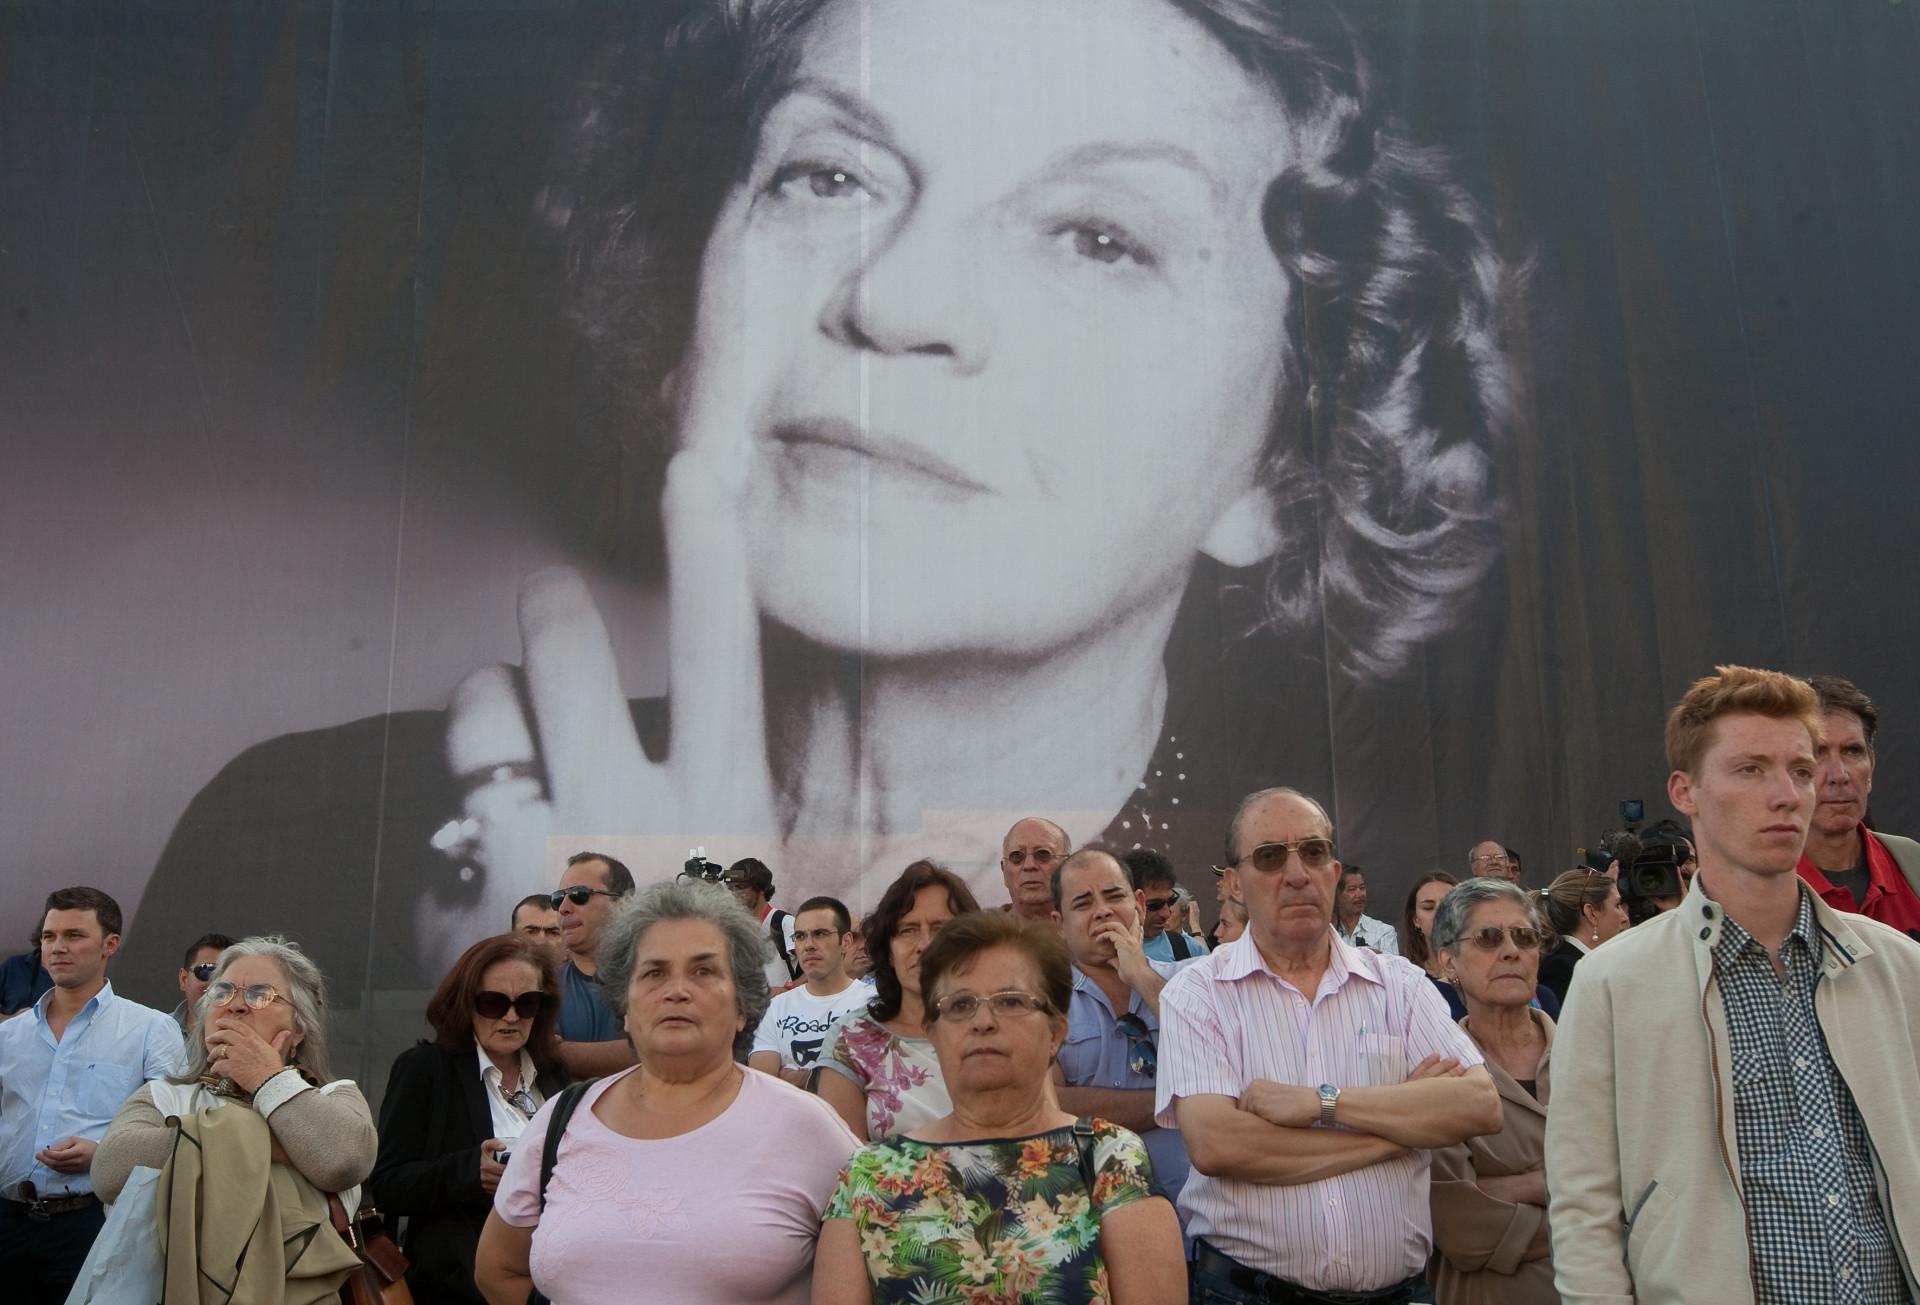 Recorde Sophia de Mello Breyner Andresen 14 anos após a sua morte